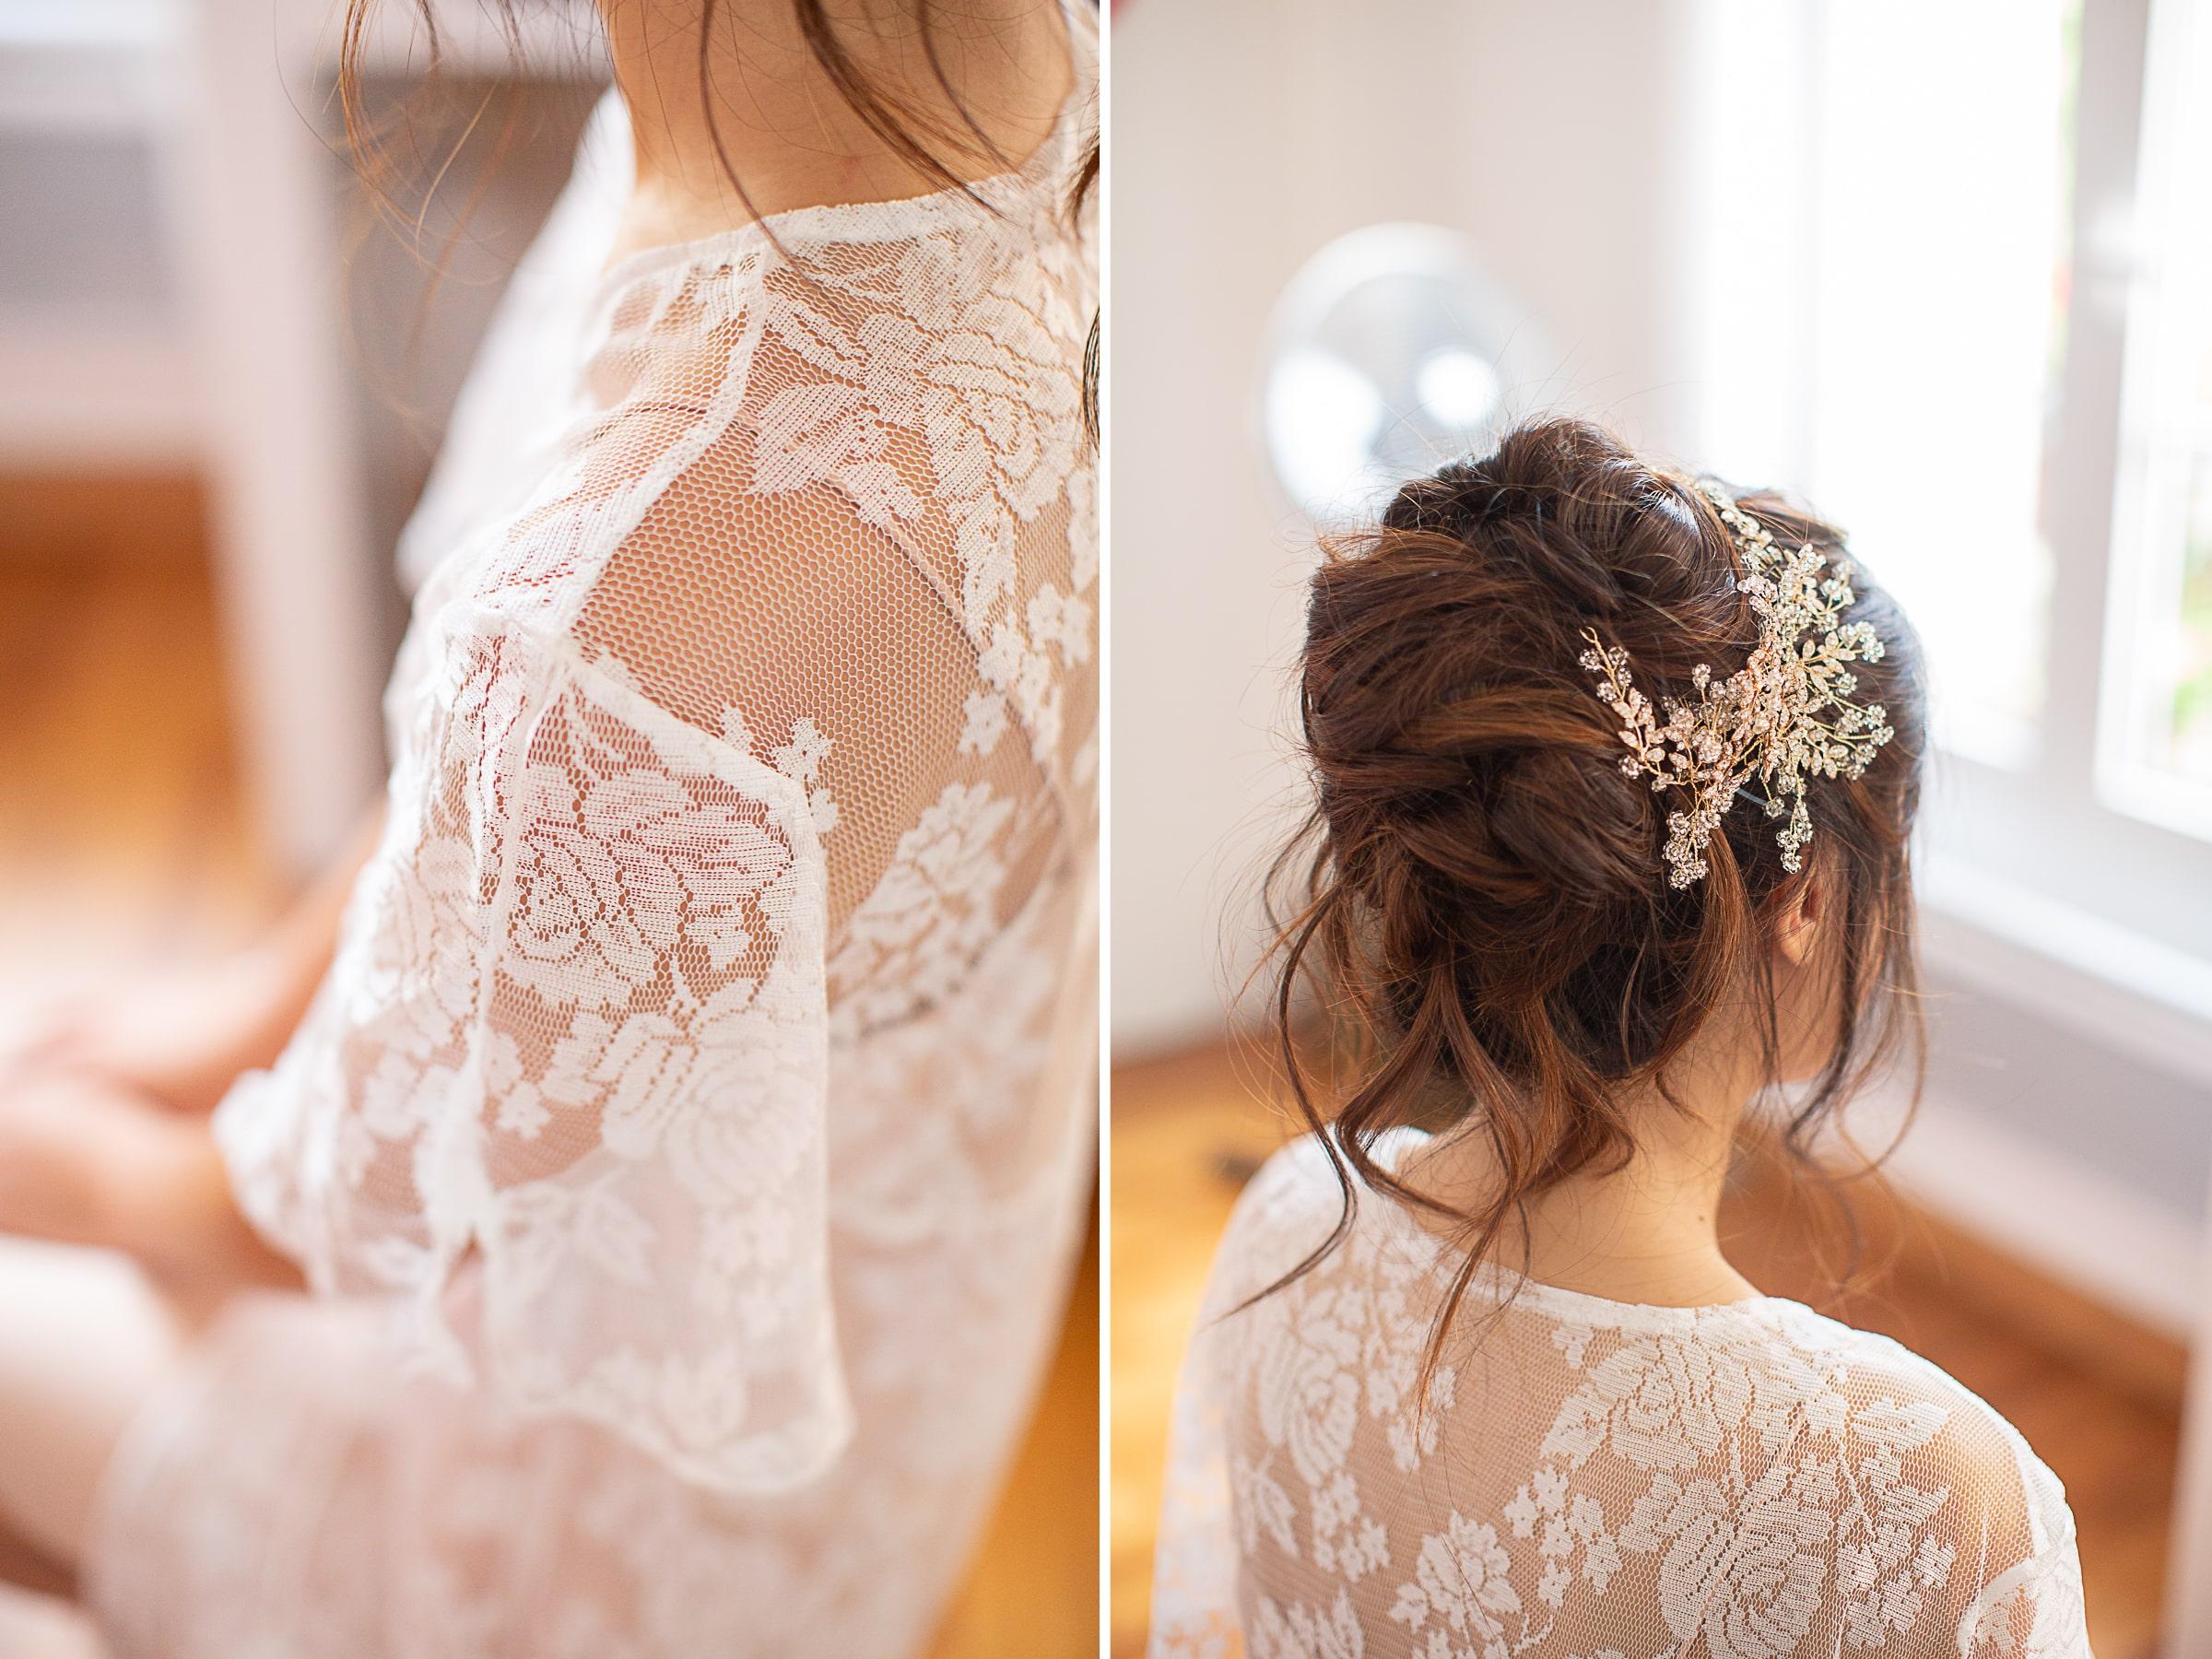 détails de la dentelle de la tenue des préparatifs de la mariée